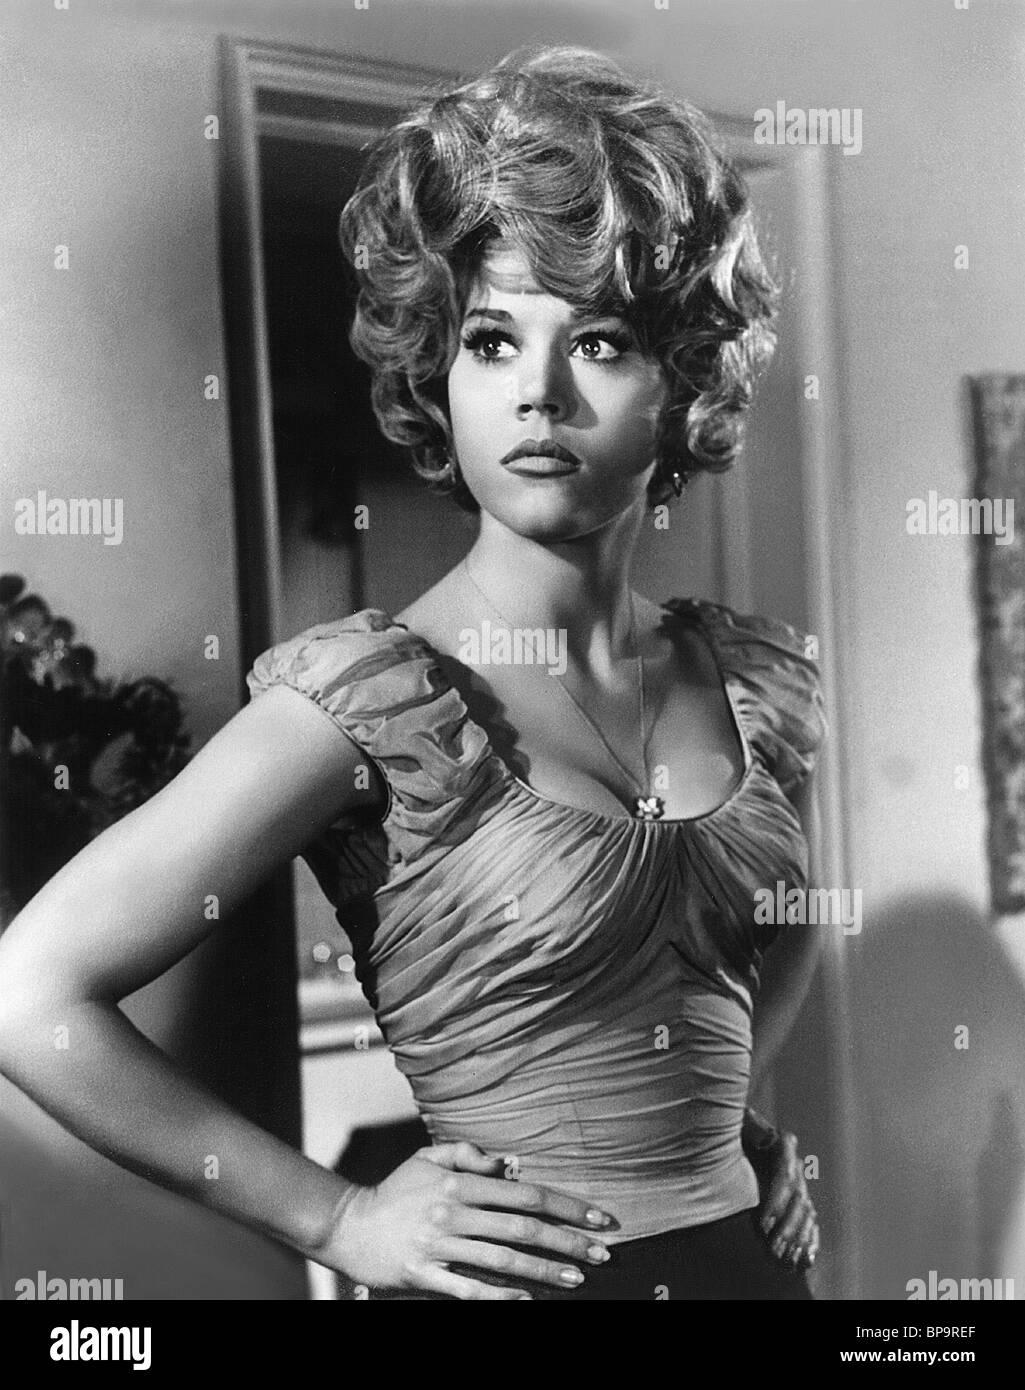 JANE FONDA PERIODO DI REGOLAZIONE (1962) Immagini Stock